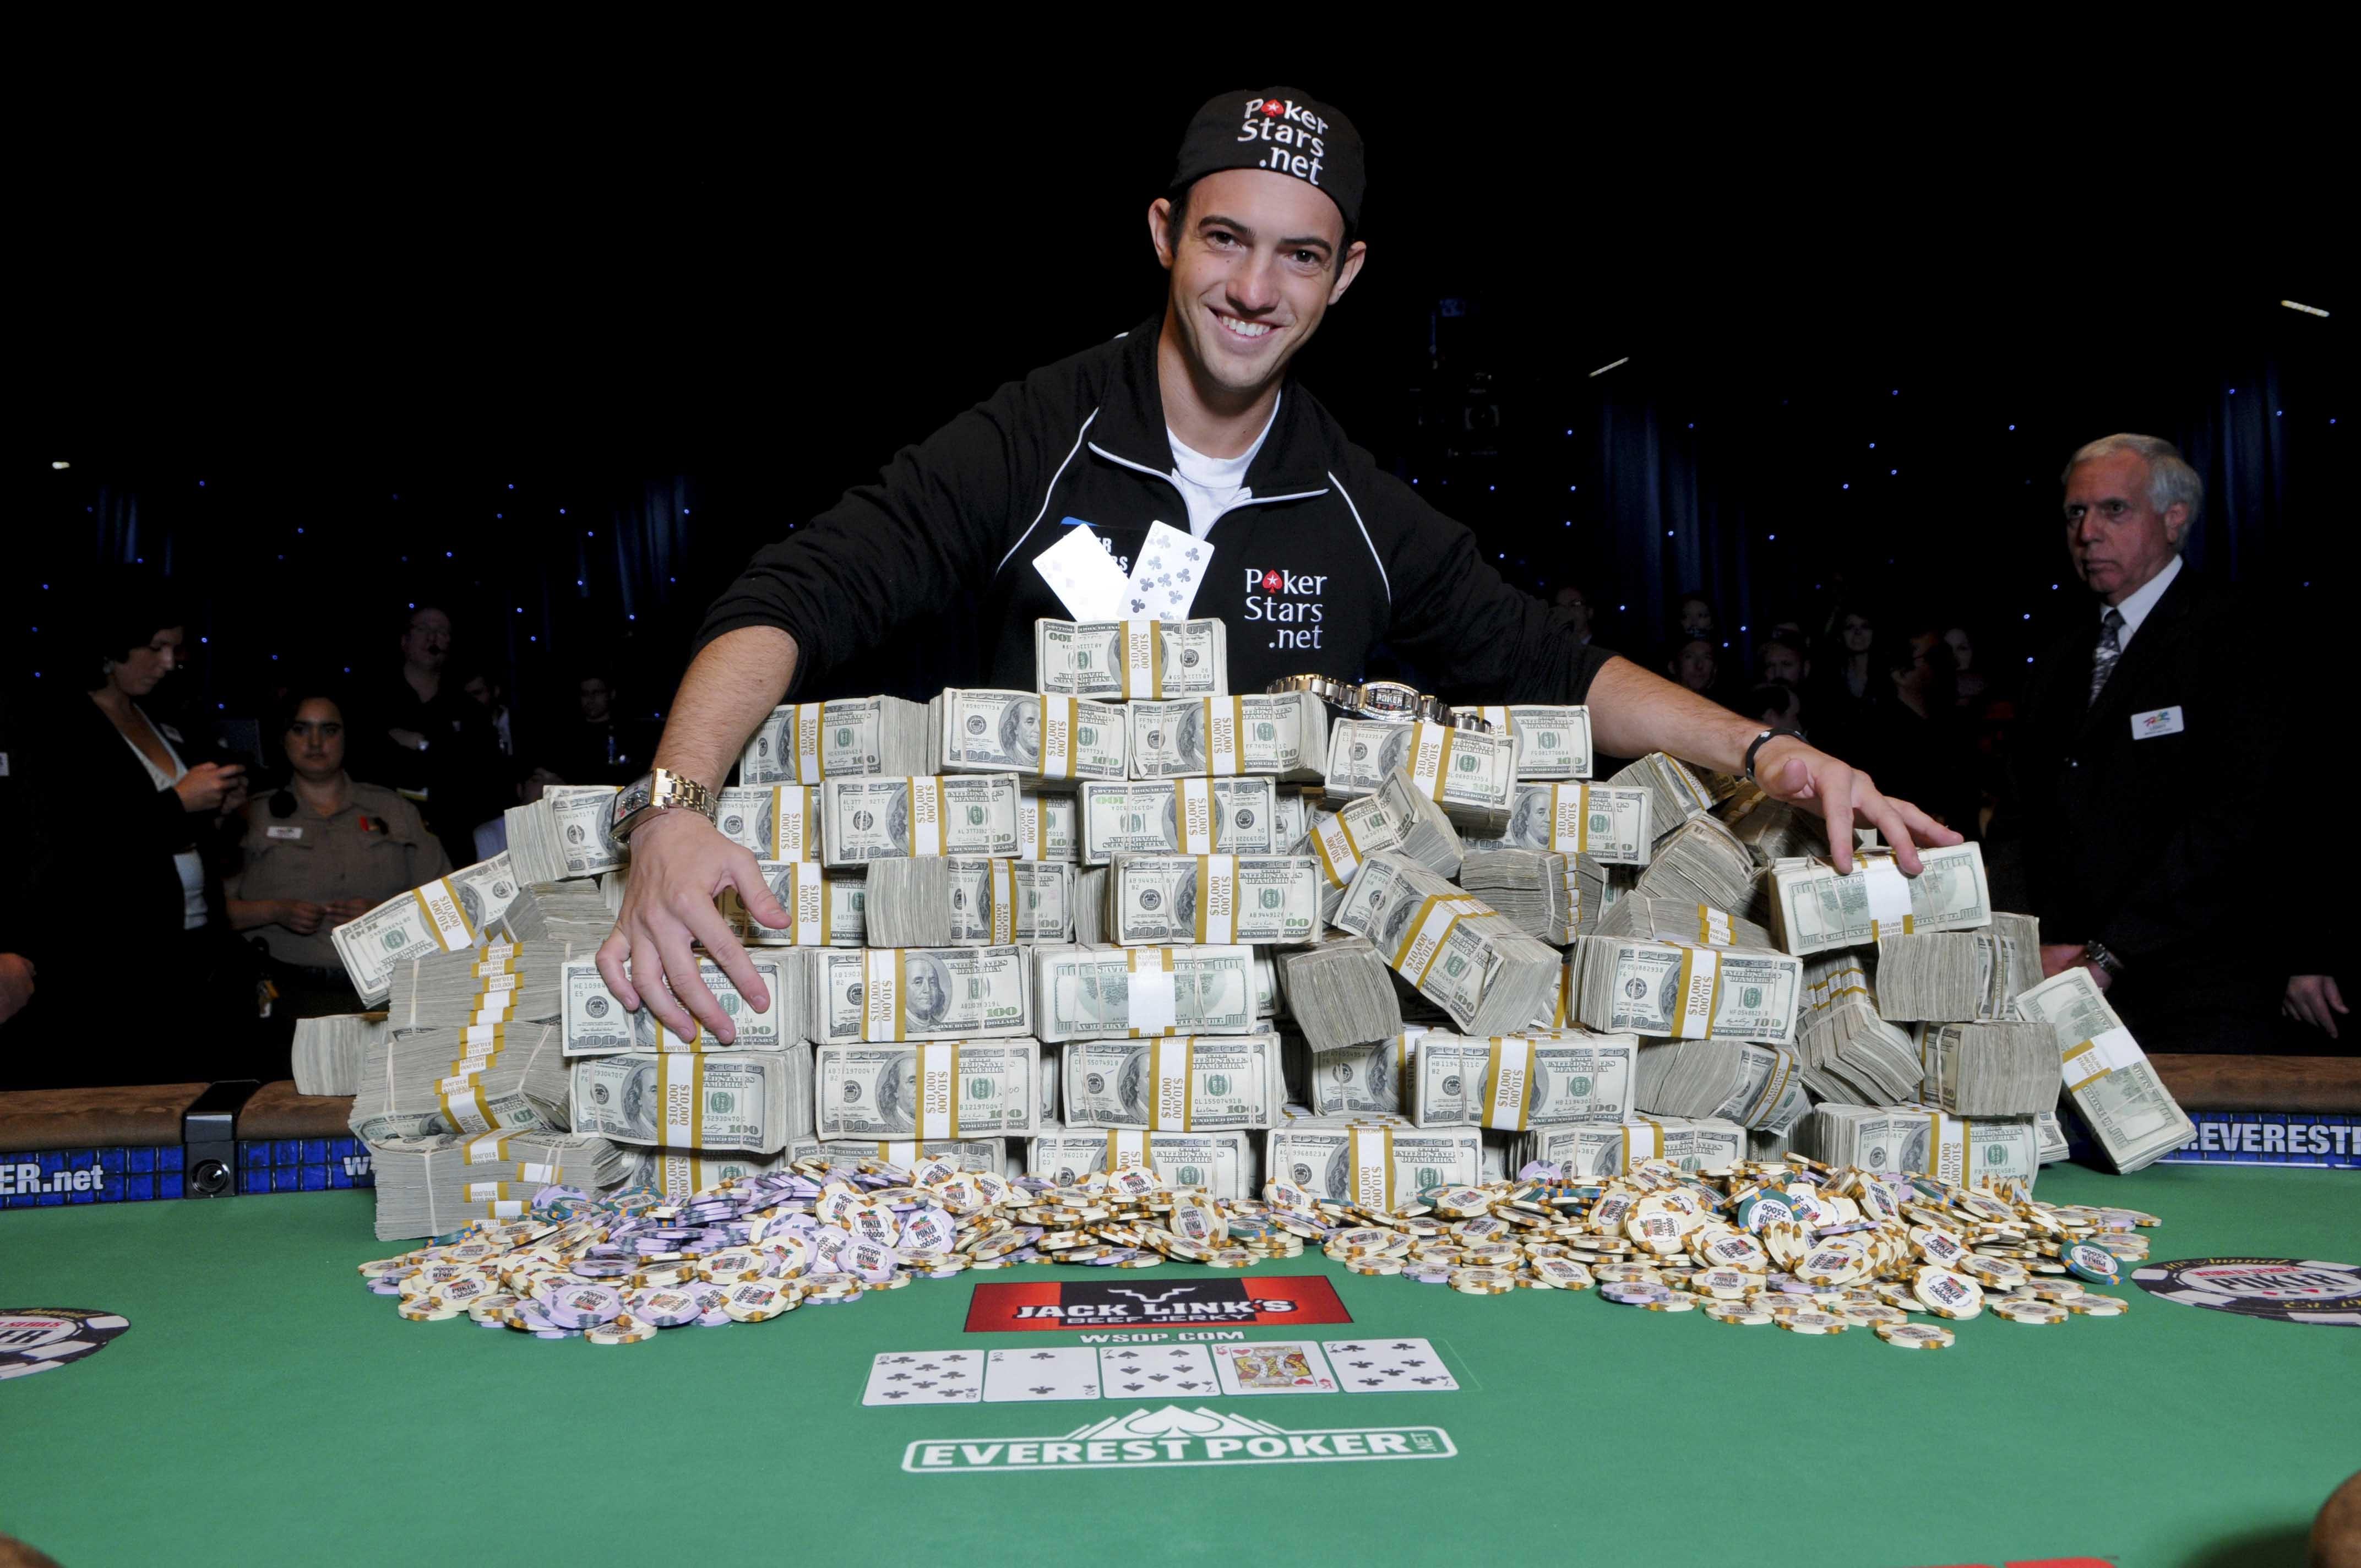 Free money at casino poker casino regina showroom